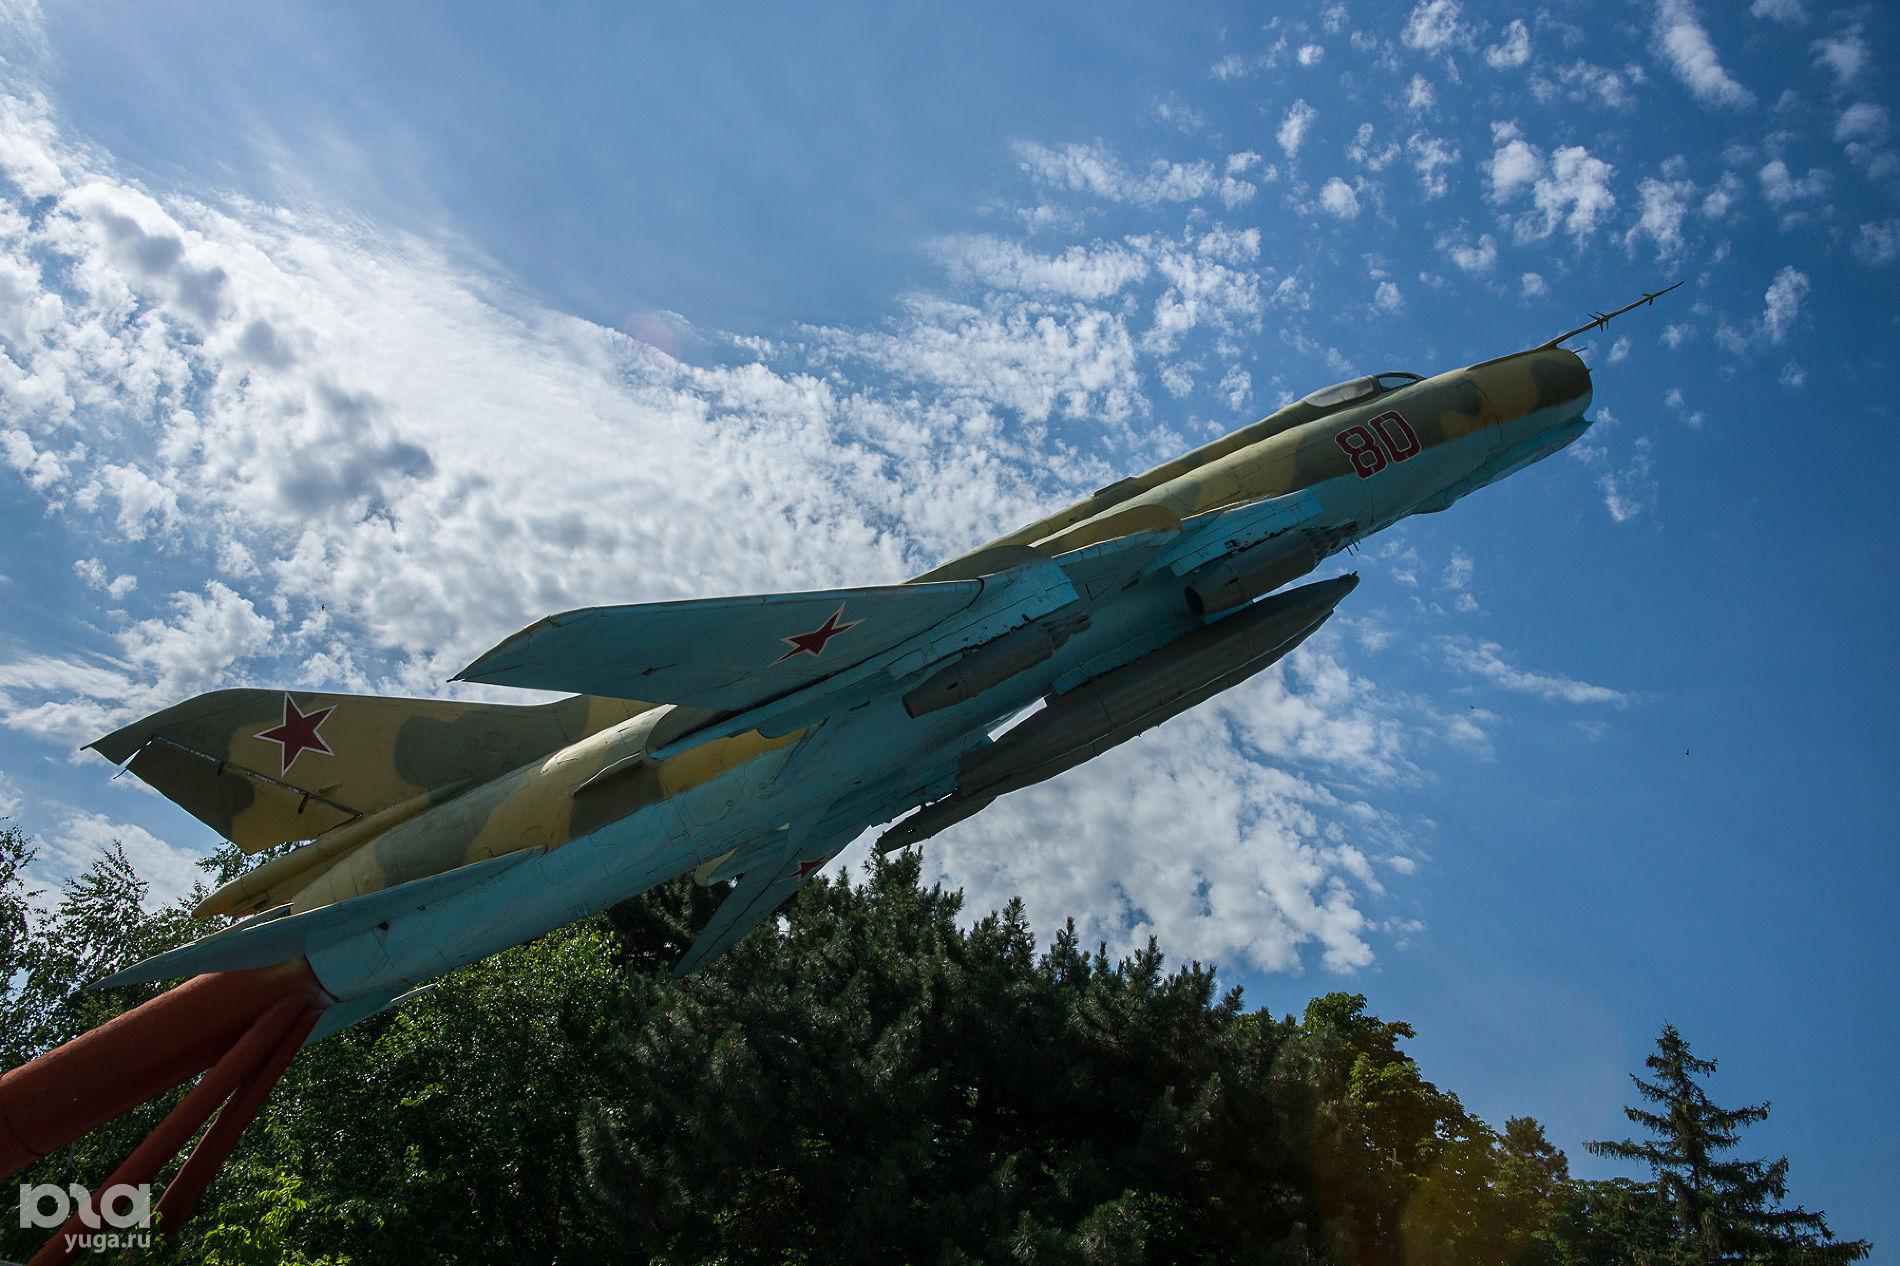 Памятник «Слава авиации» на улице Дзержинского ©Фото Евгения Мельченко, Юга.ру